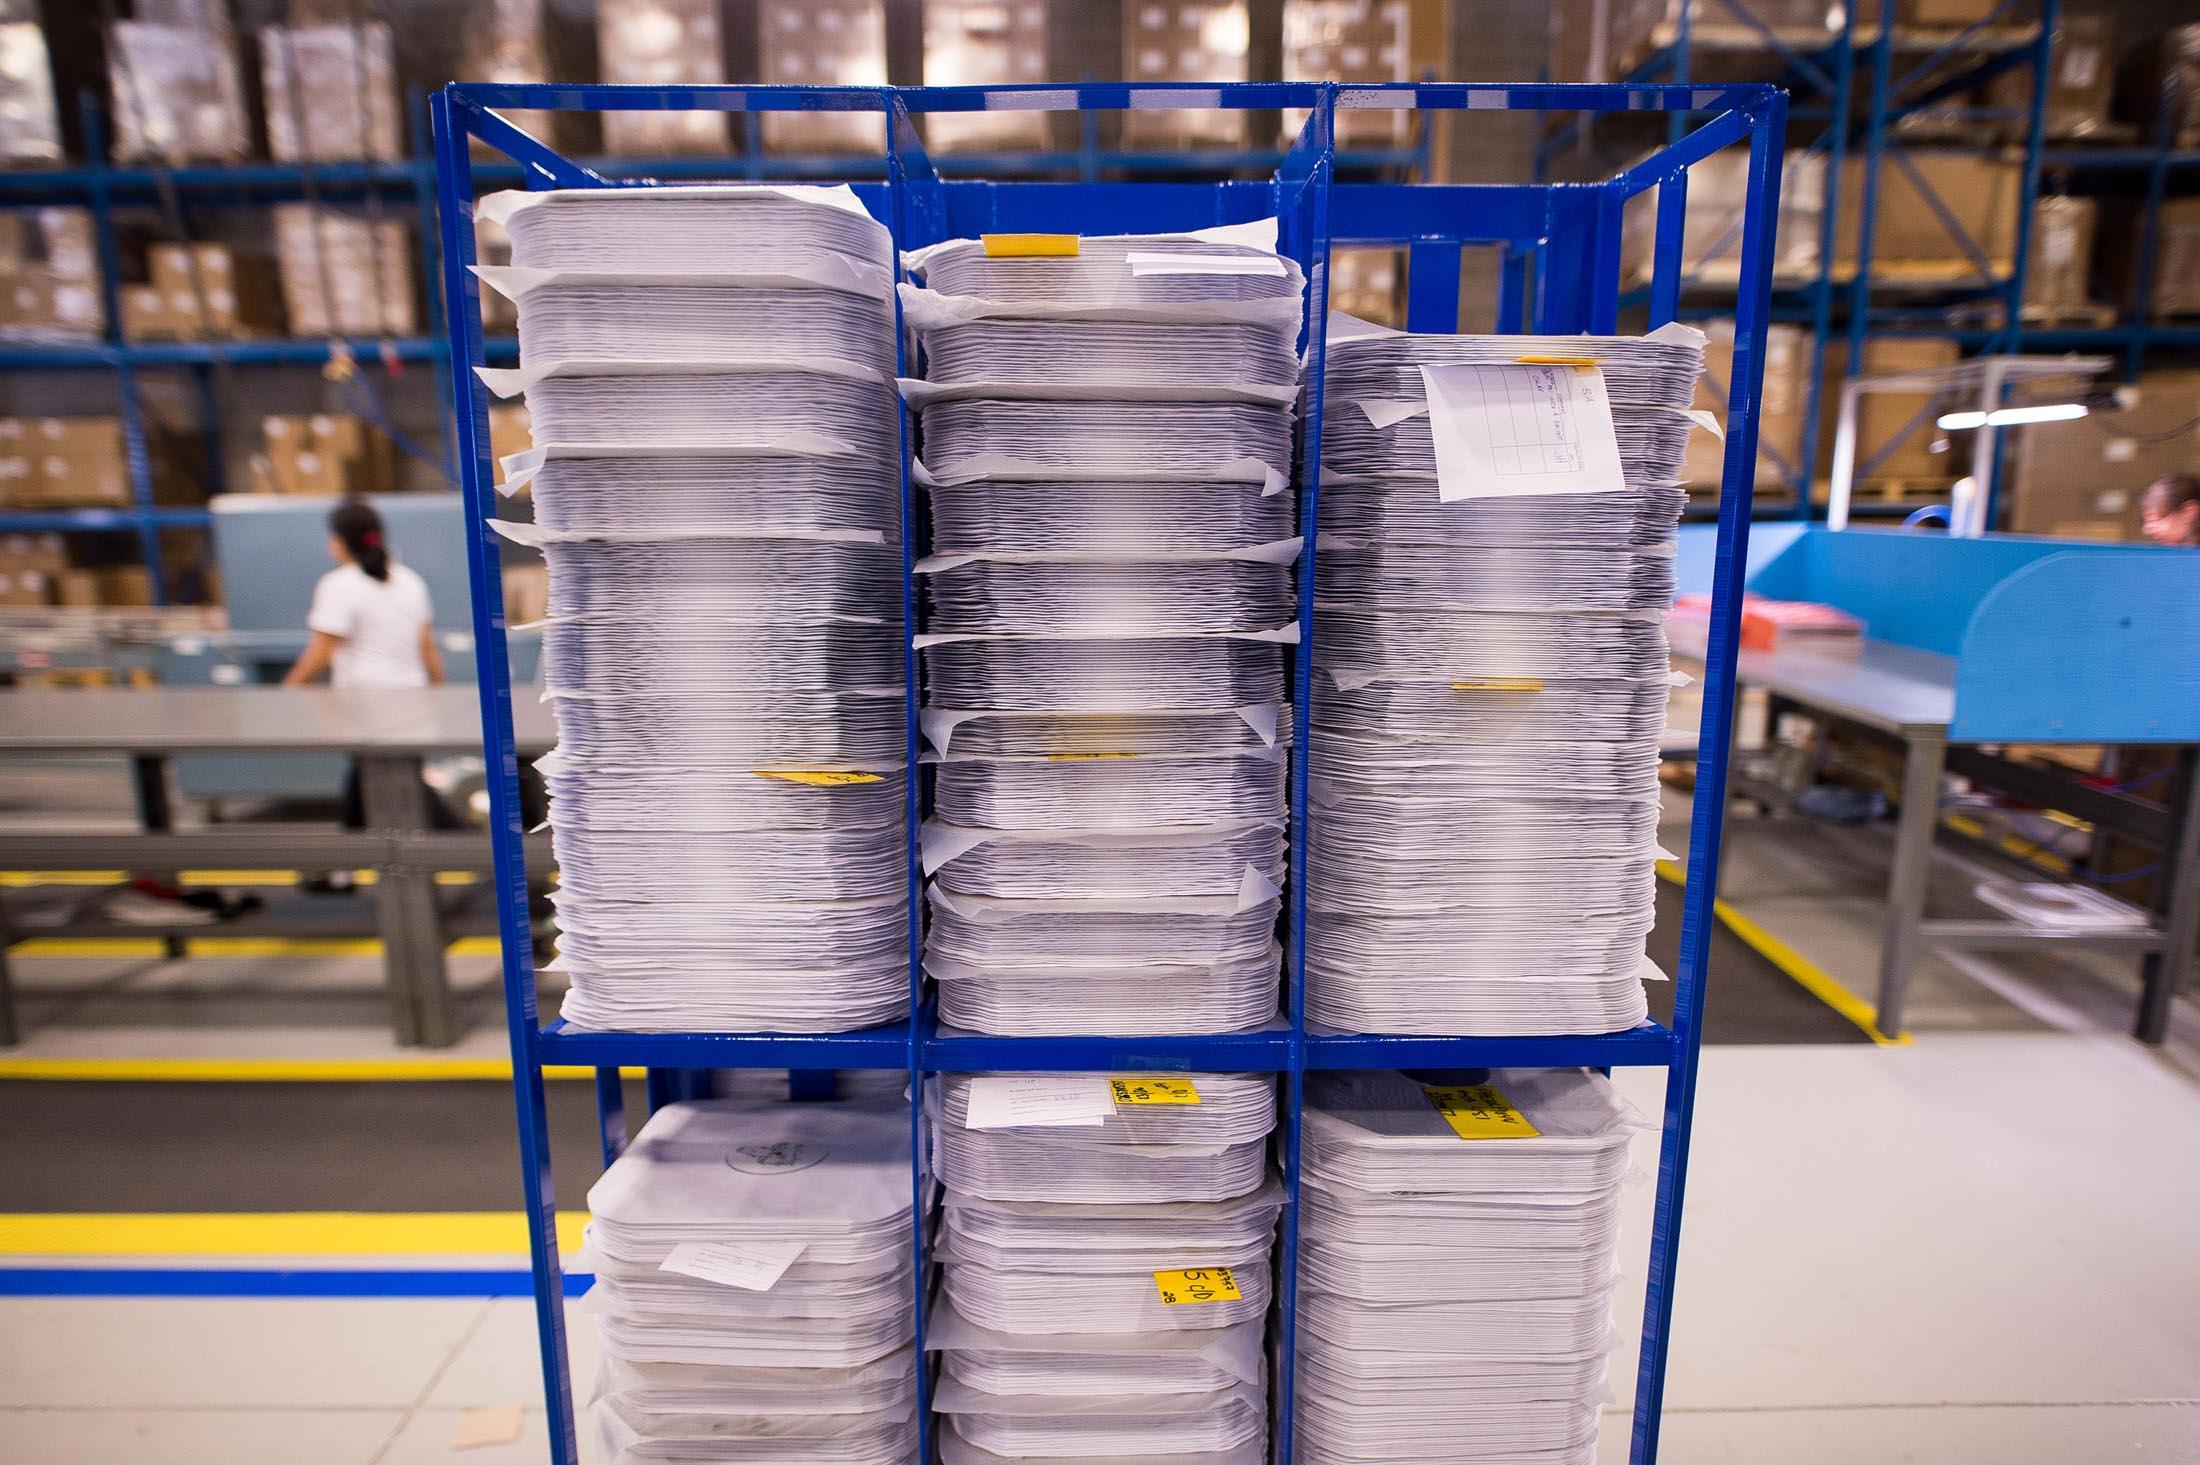 Ngăn Xếp Record Sẵn Sàng Cho Việc Đóng Gói & Vận Chuyển    Photographer: James MacDonald/Bloomberg